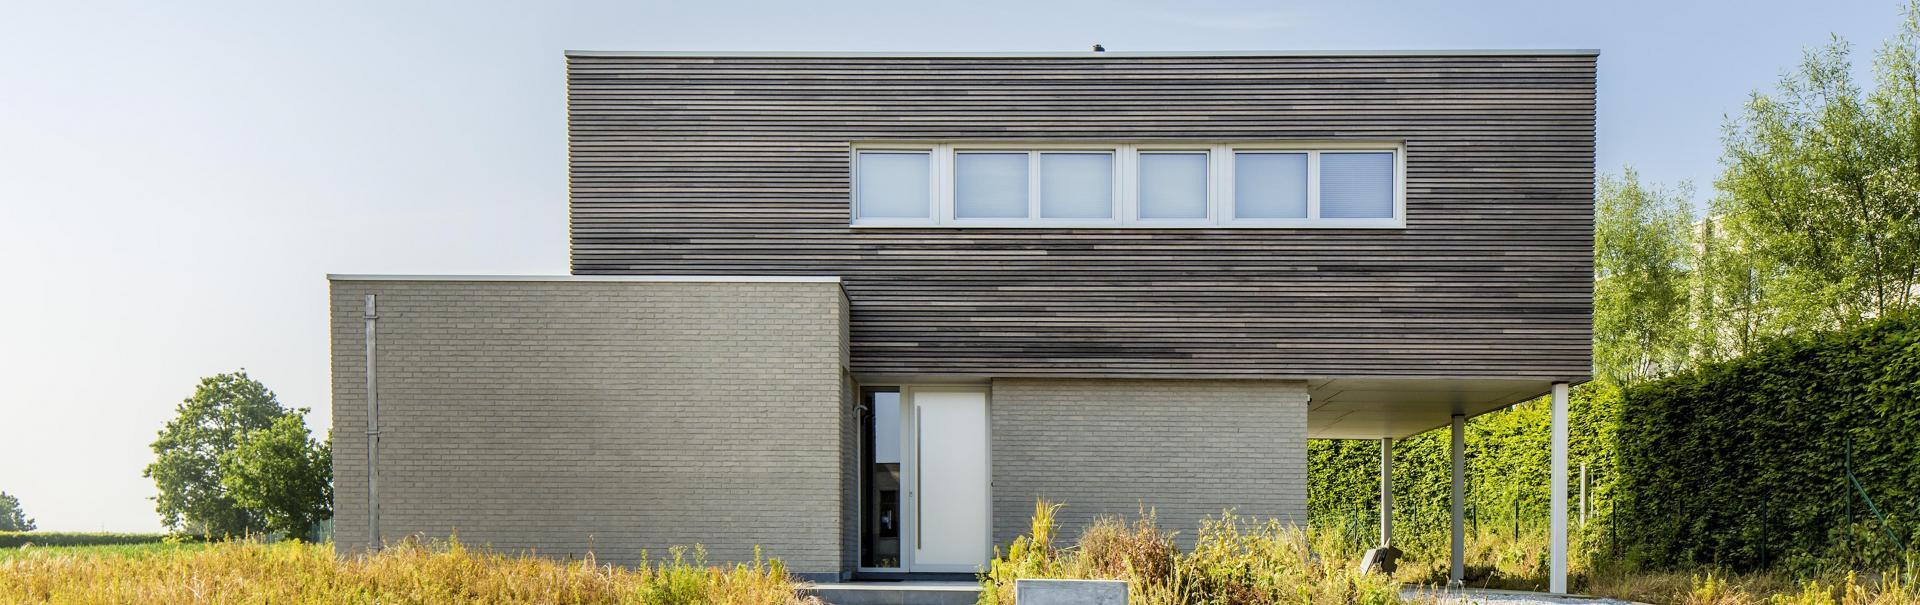 Moderne woning met gevelsteen en gevelbekleding in hout - Moderne woning met gevelsteen en gevelbekleding in hout